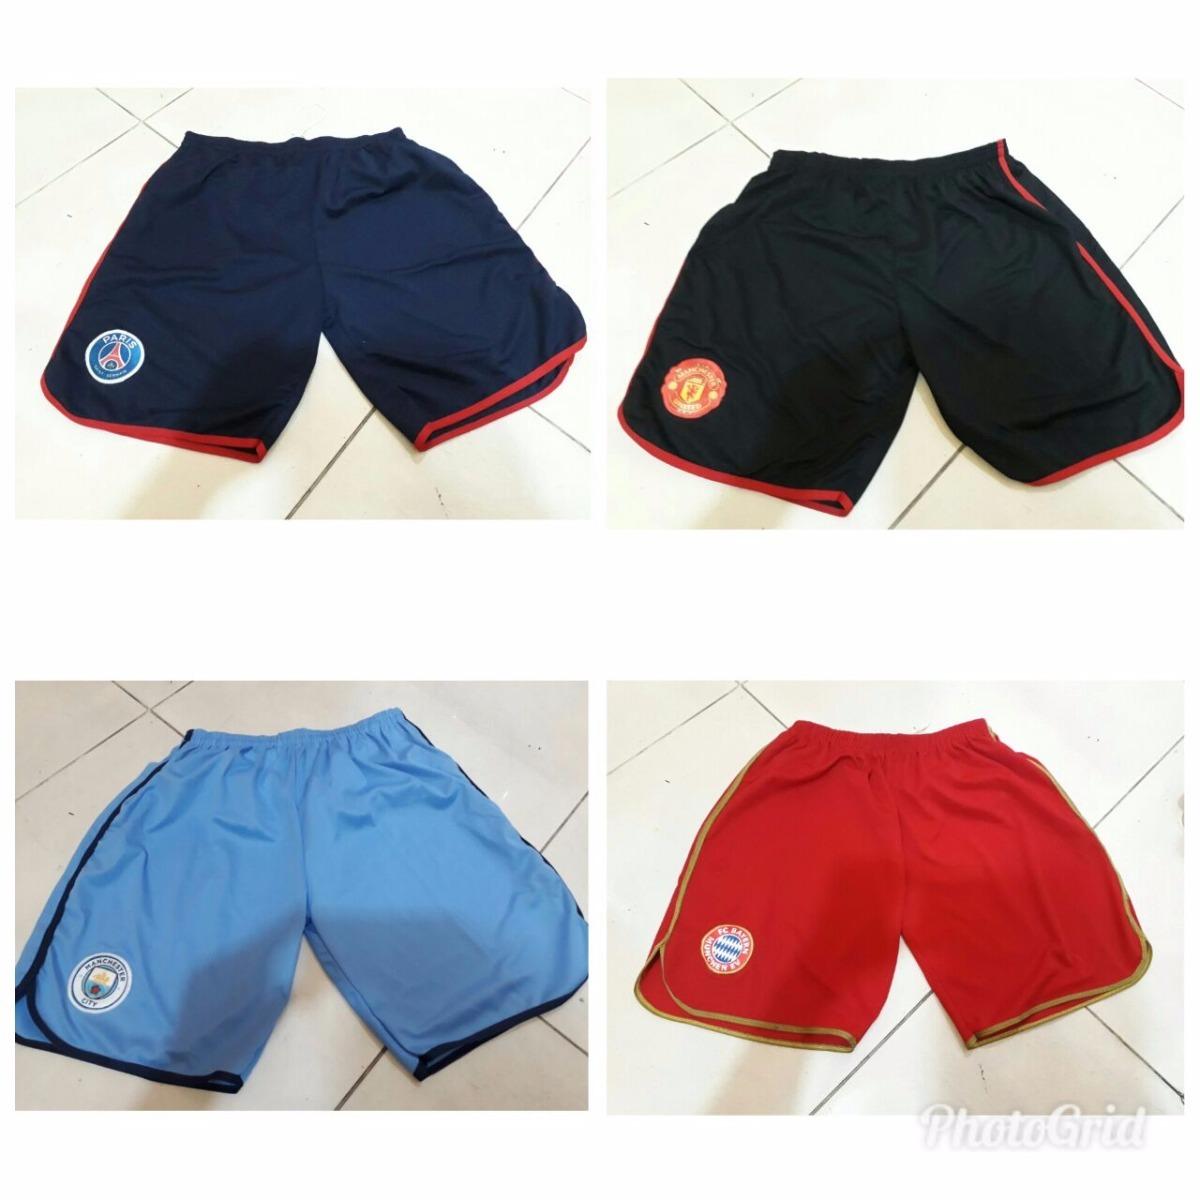 7119da1c26a24 shorts de times de futebol kit 5 unidades. Carregando zoom.